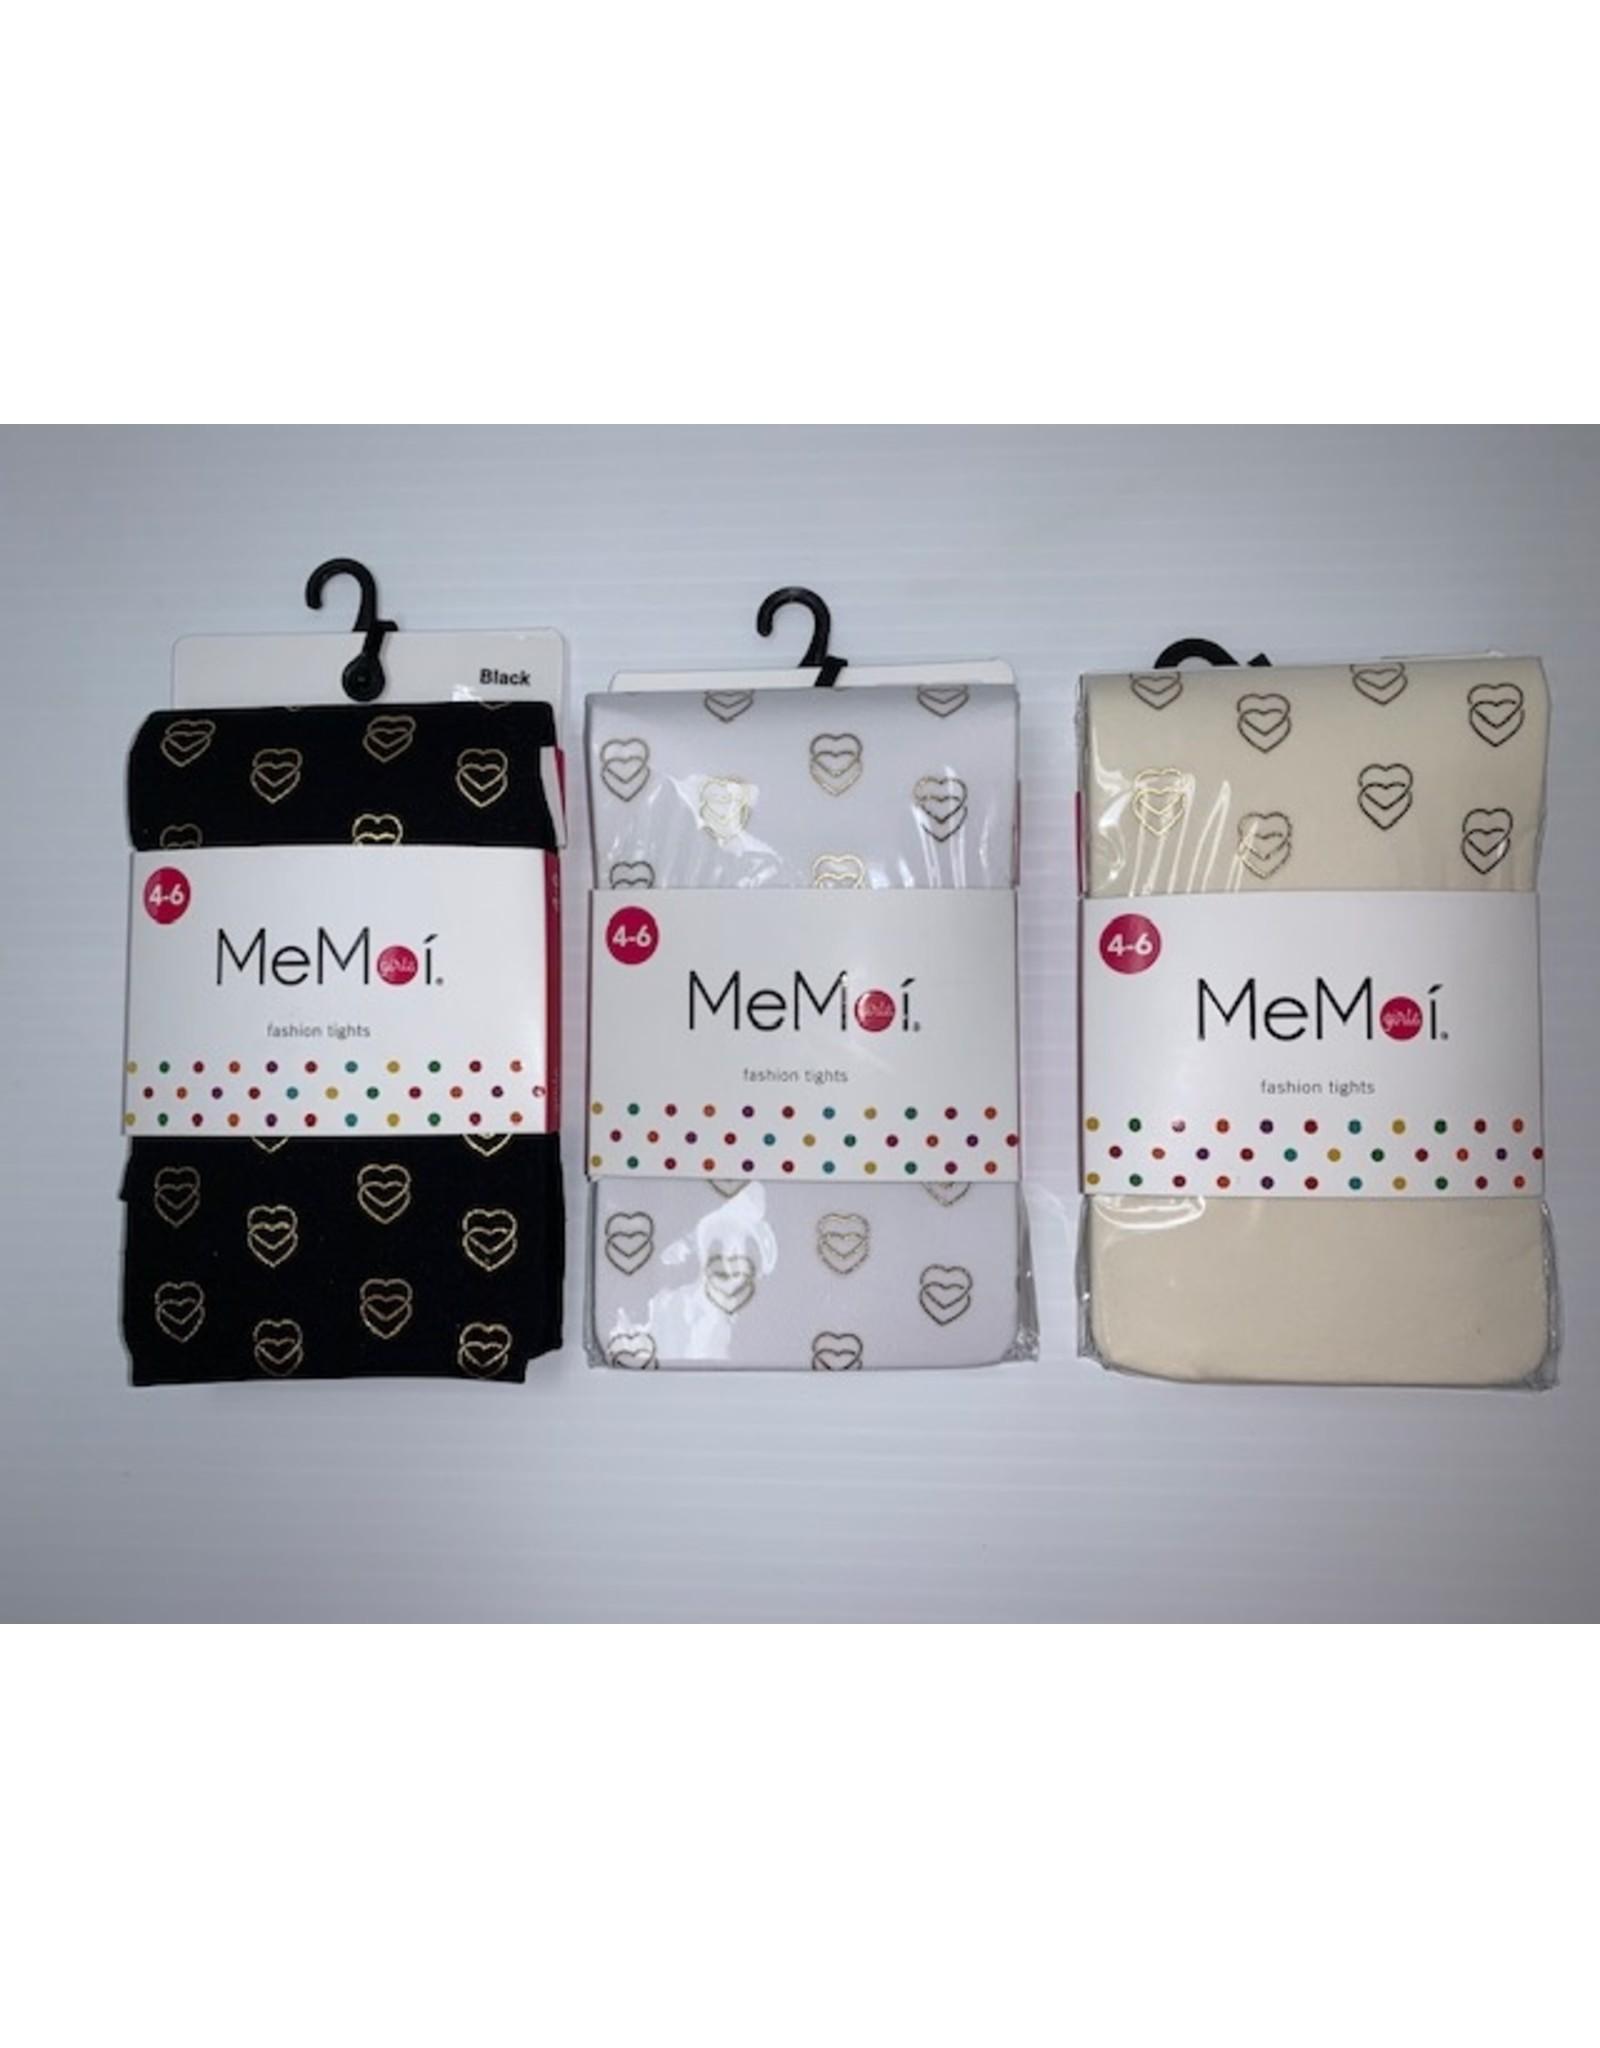 Memoi Memoi Girls 3D Heart Printed Fashion Tights MKF-4021